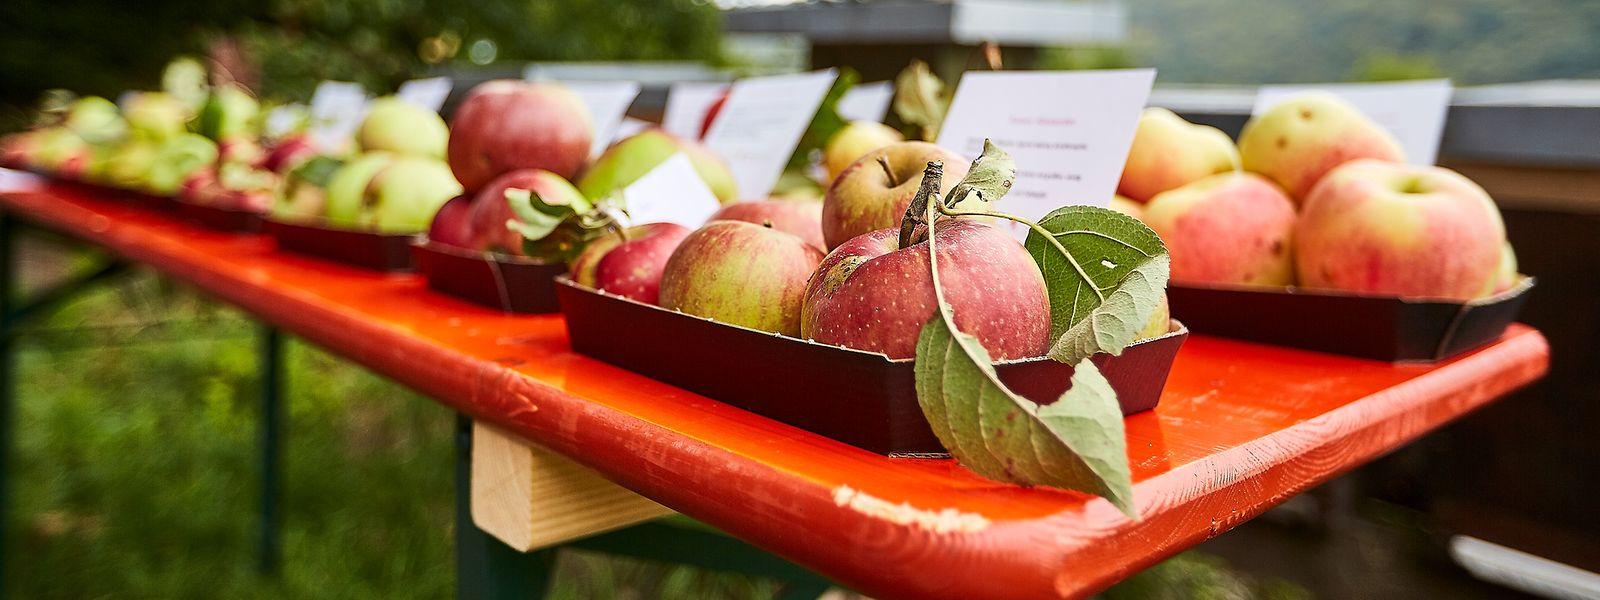 Ein reich gedeckter Tisch: mehr als 400 Obstsorten gedeihen in luxemburgischen Bongerten.